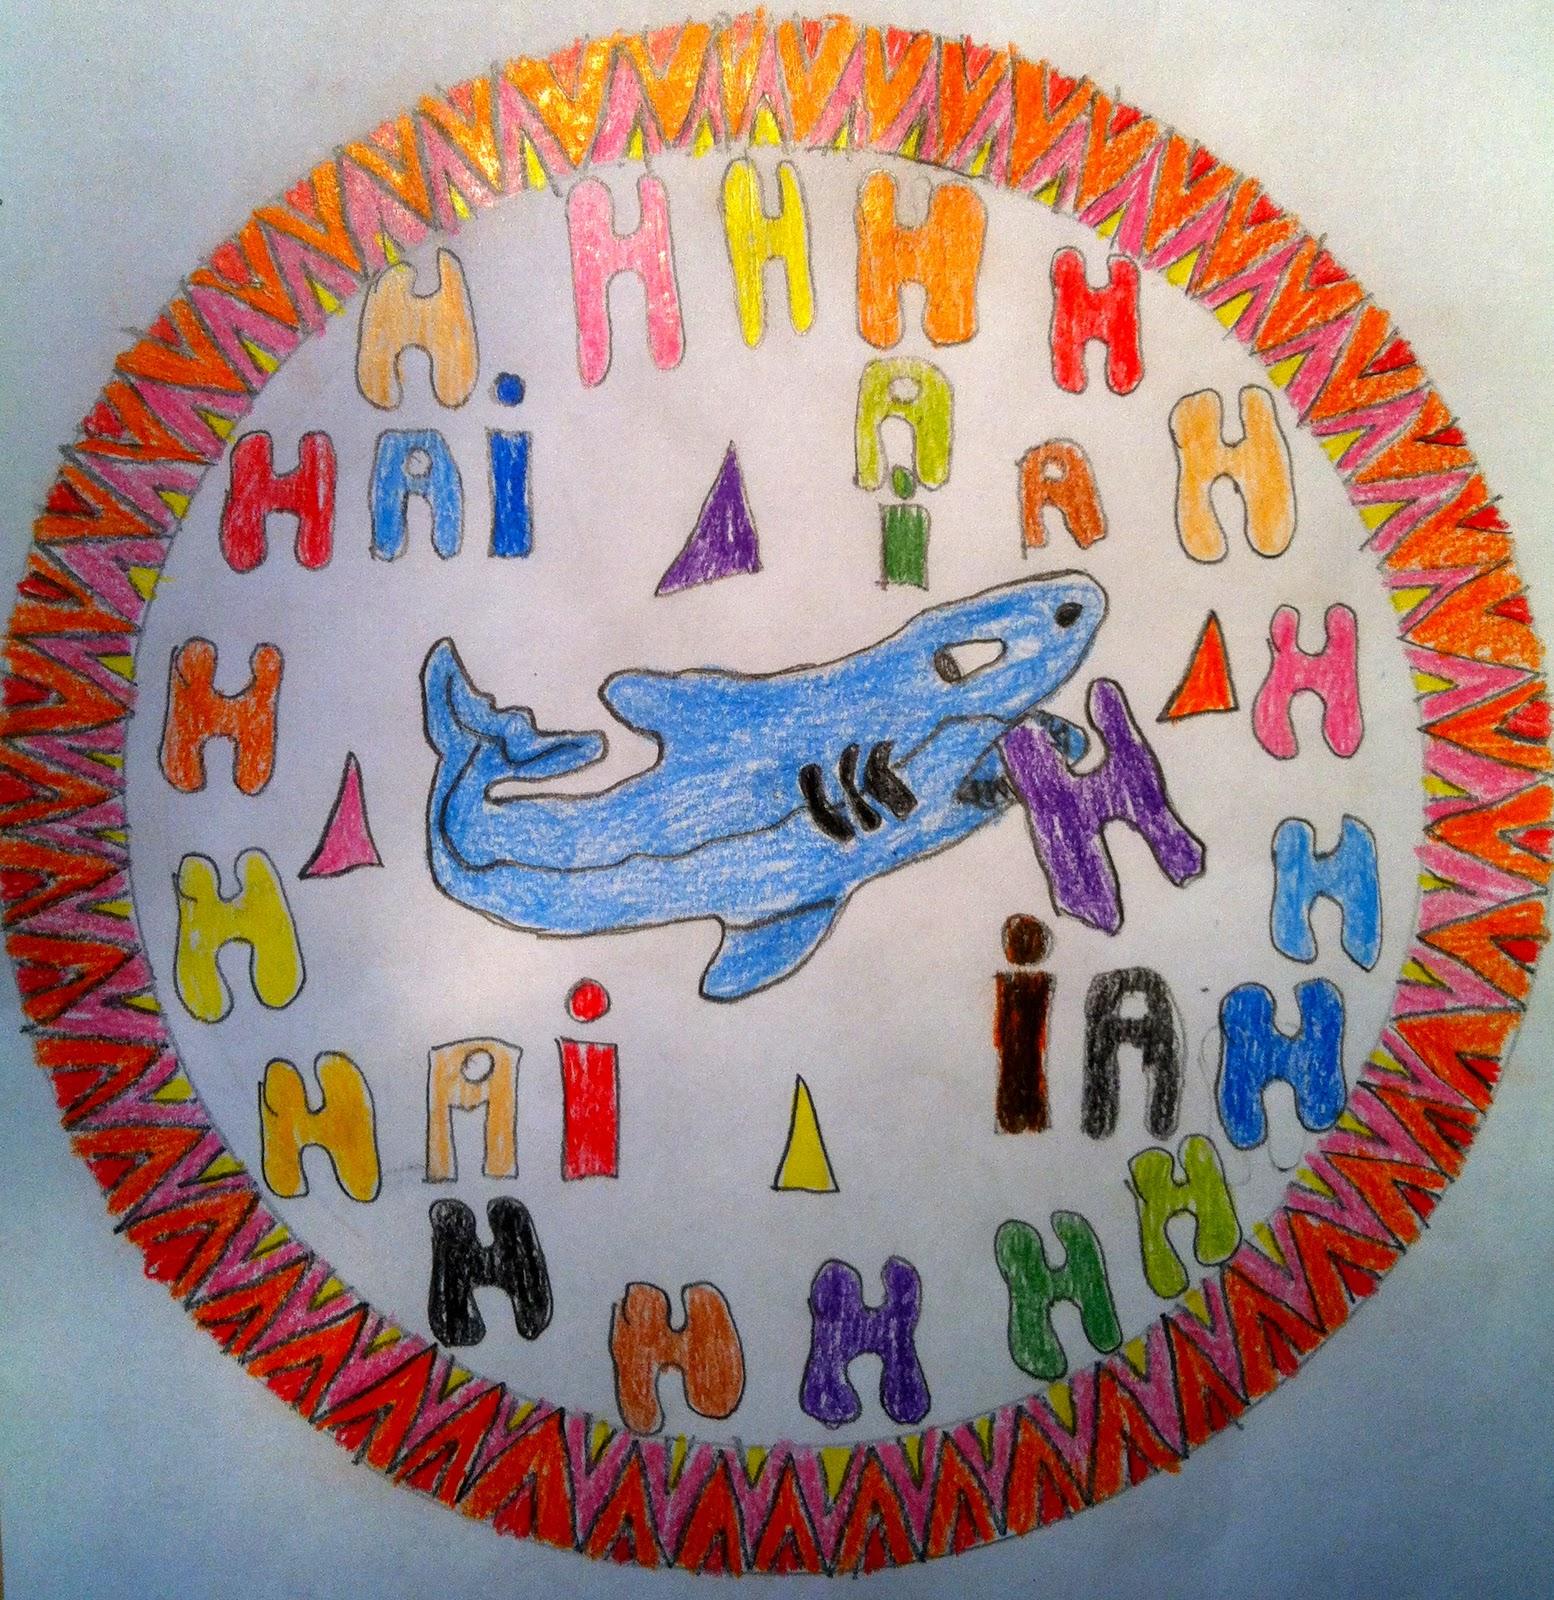 SEA LIFE Oberhausen: 2012-01-22